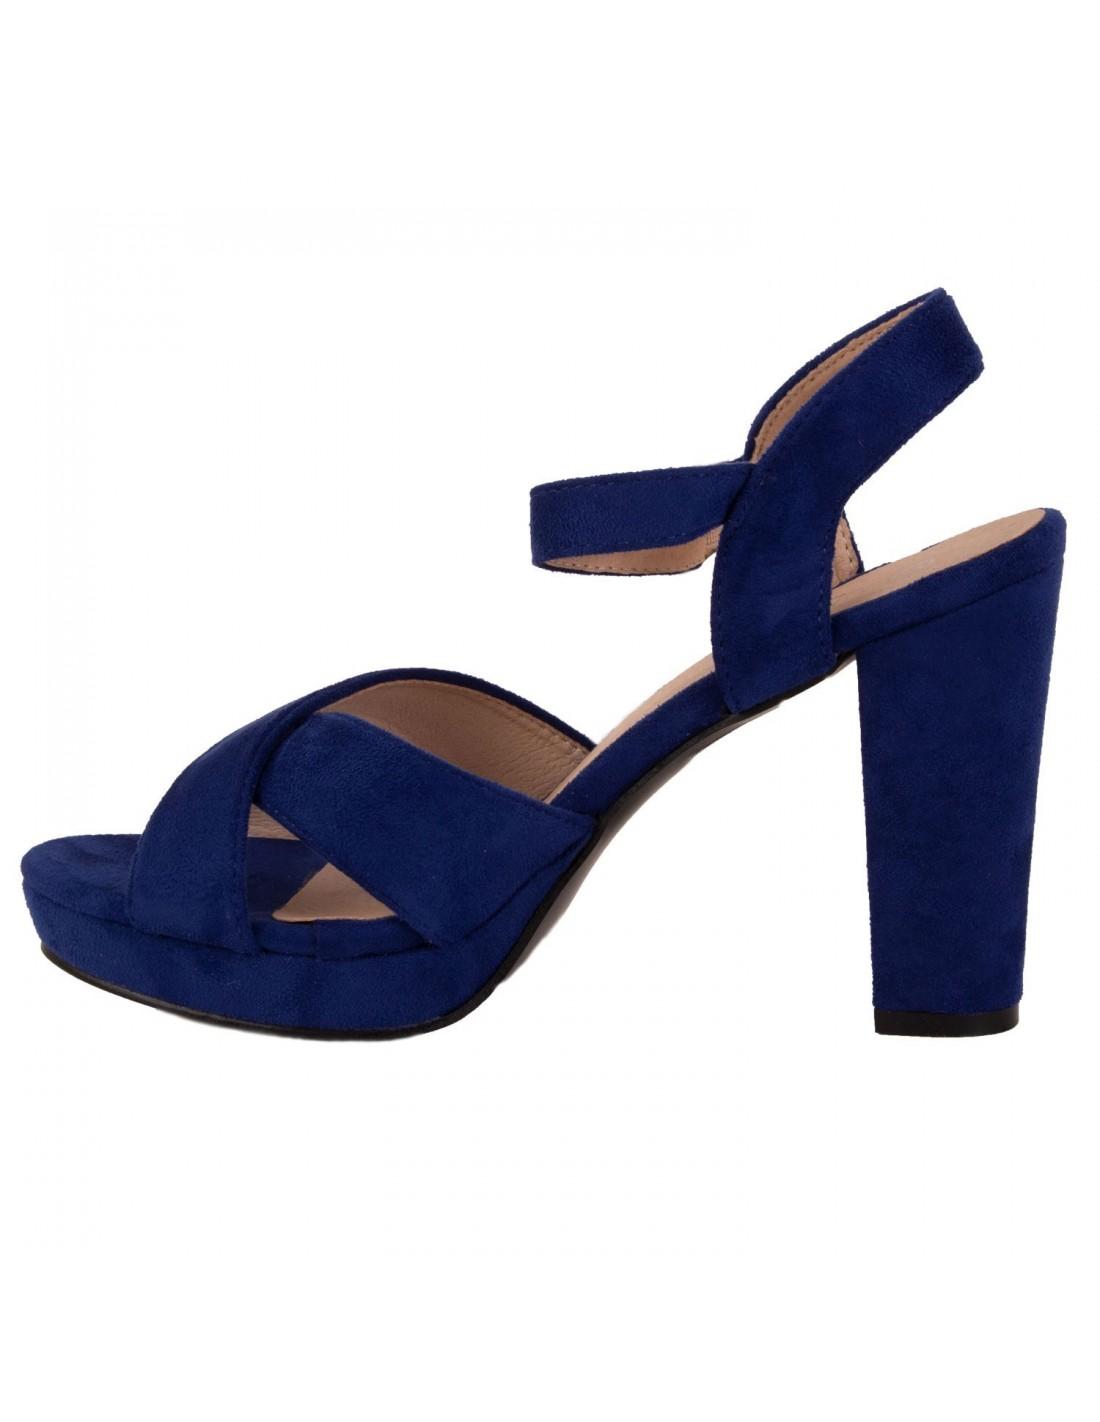 09b71b8b669073 ... Sandales femme bleu roi haut talon carré à bride & bout ouvert ...